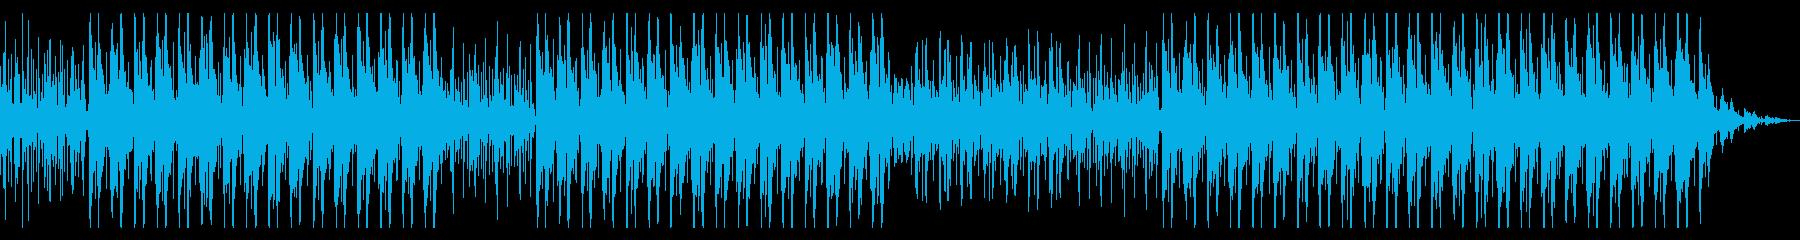 怪しくて悲しい リズミカルなヒップホップの再生済みの波形